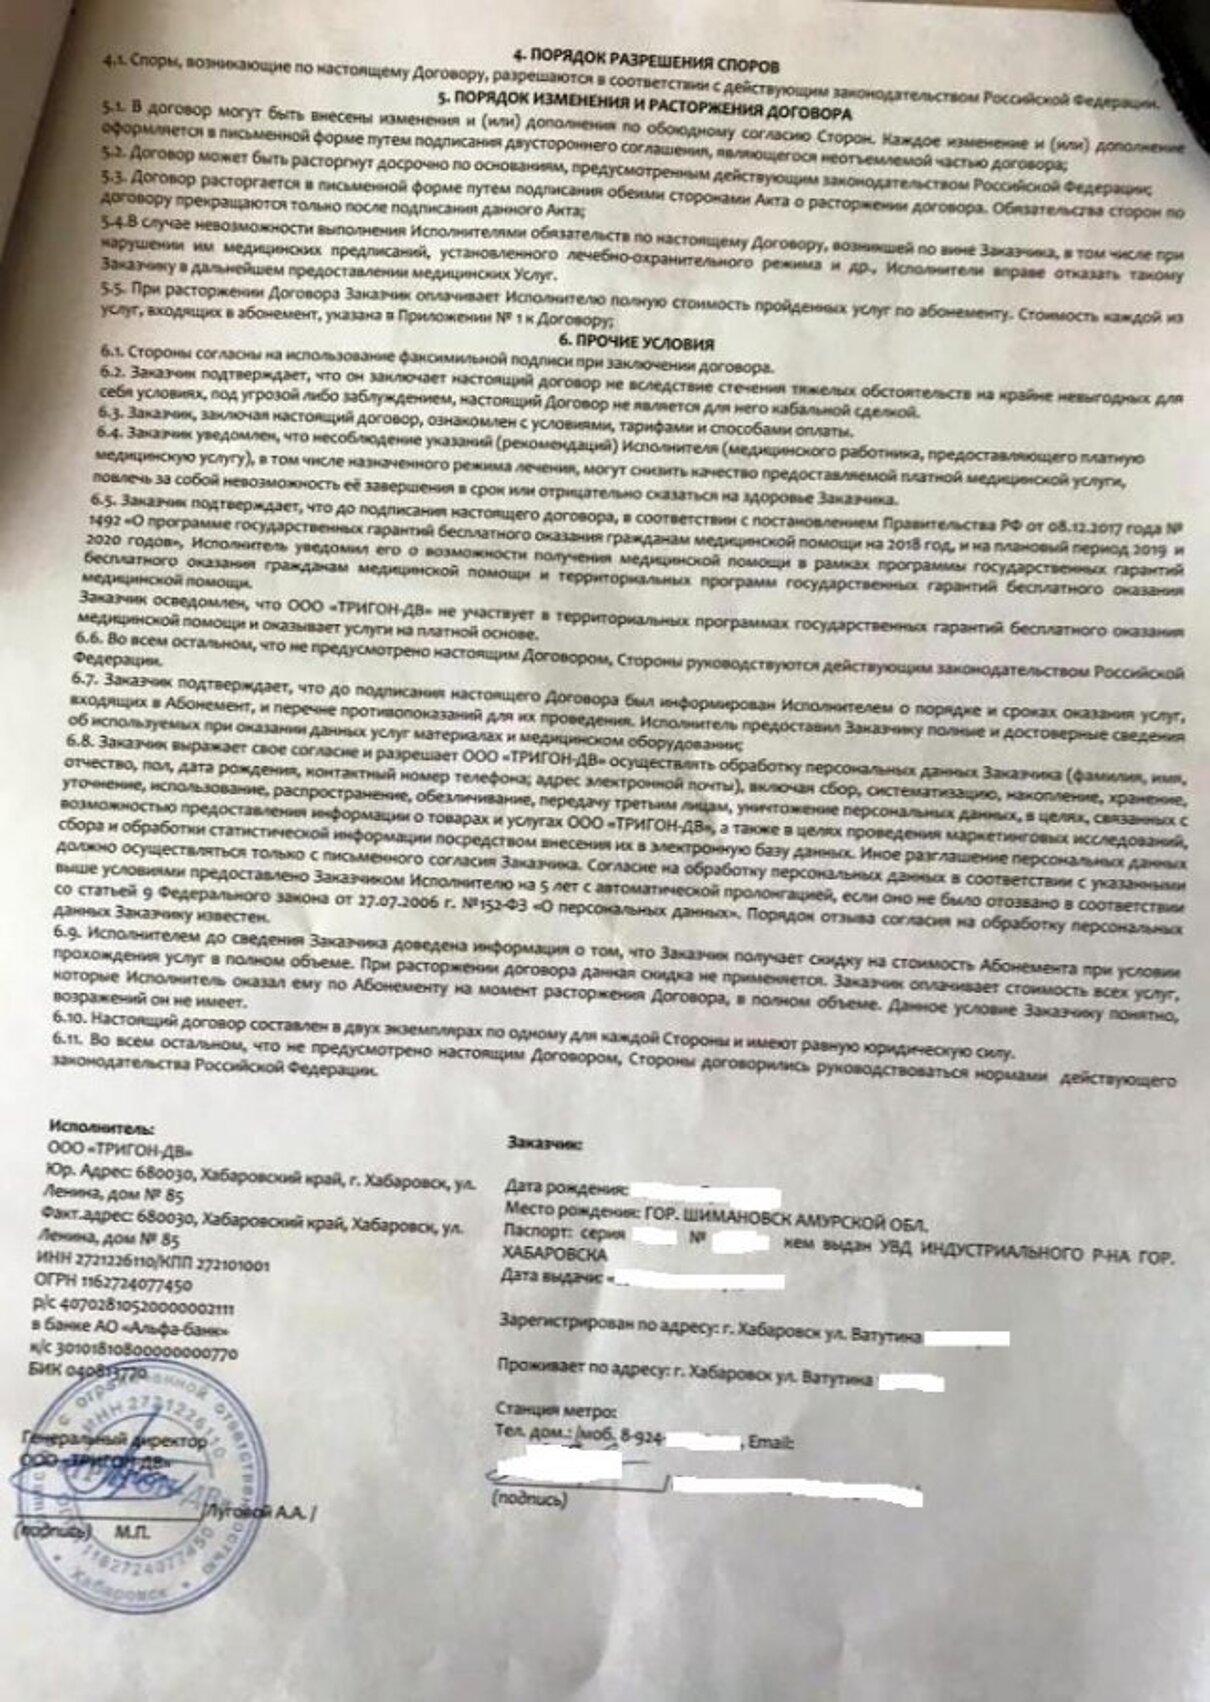 Жалоба-отзыв: ООО Миа Груп Ставрополь Голенева 24 - ИДЕАЛьный центр оказался УКоловным.  Фото №2